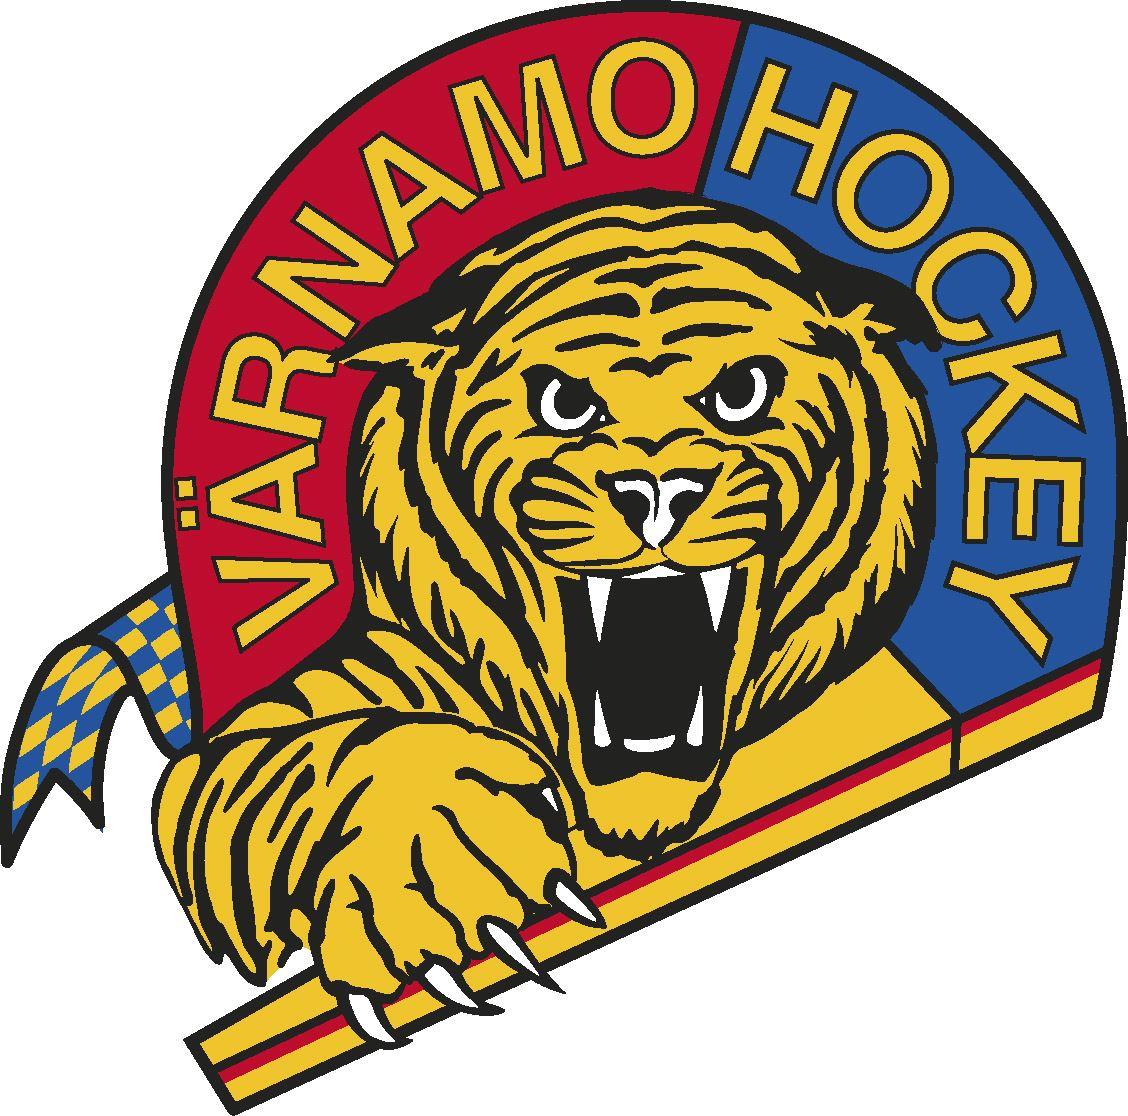 Värnamo Hockey - ASK